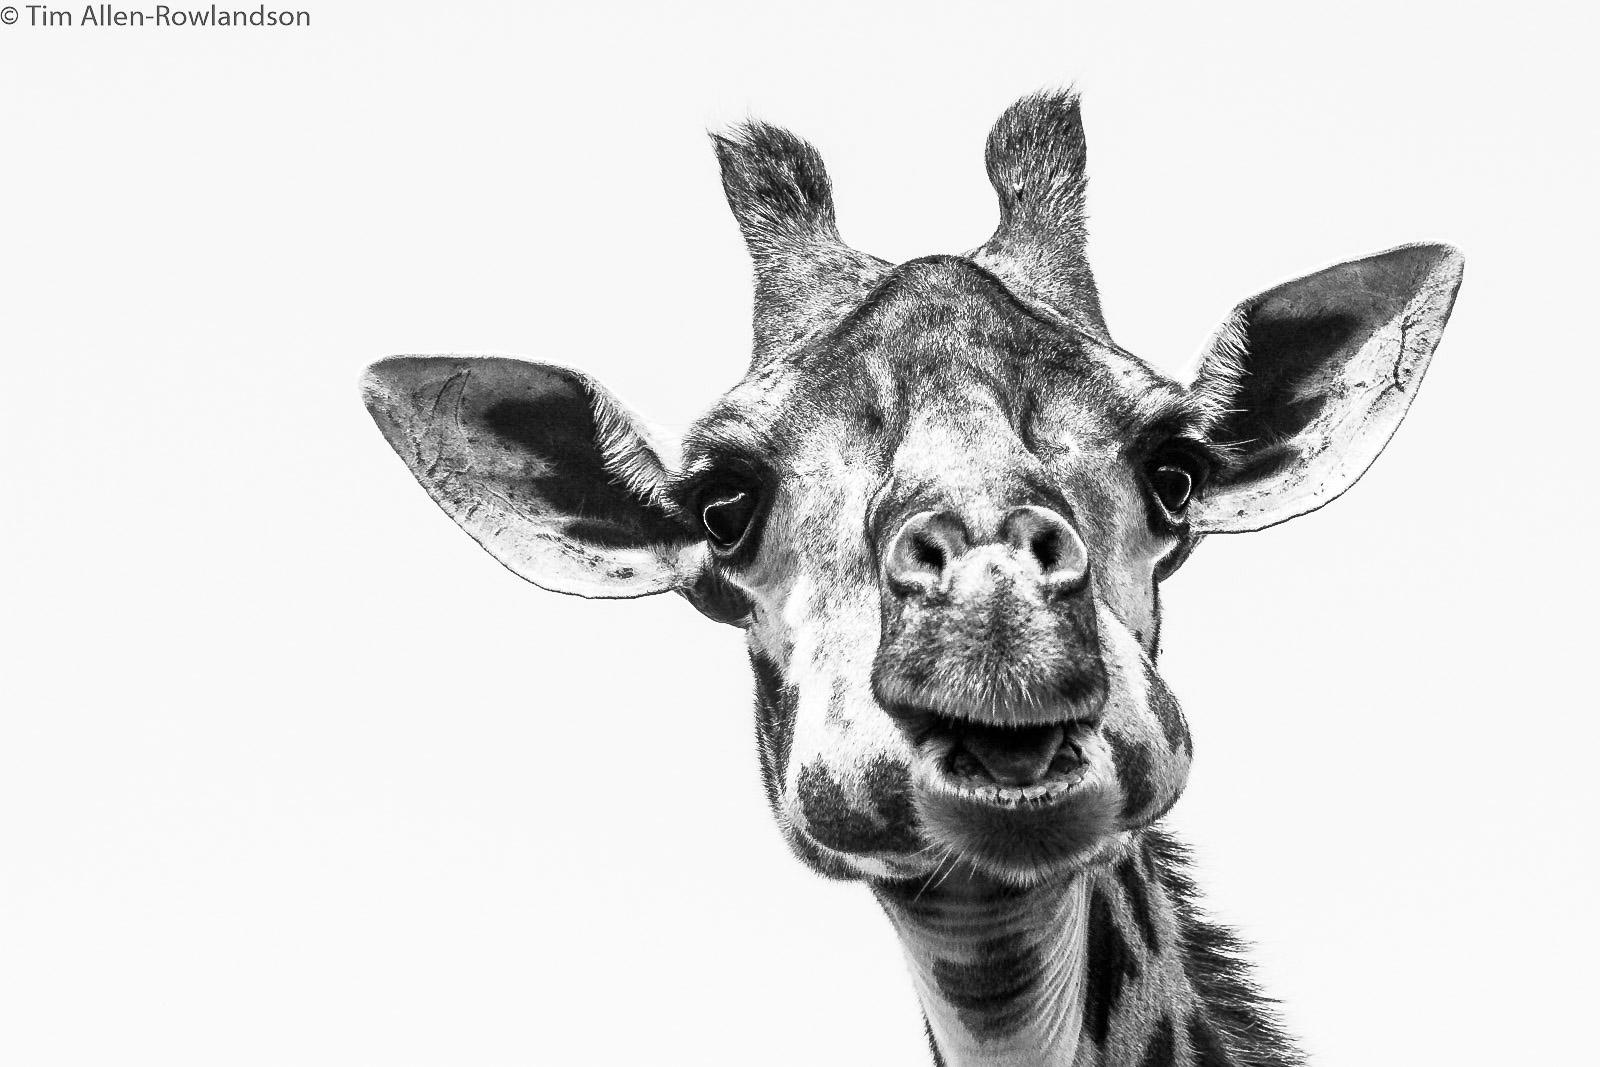 Ruminating giraffe, Masai Mara